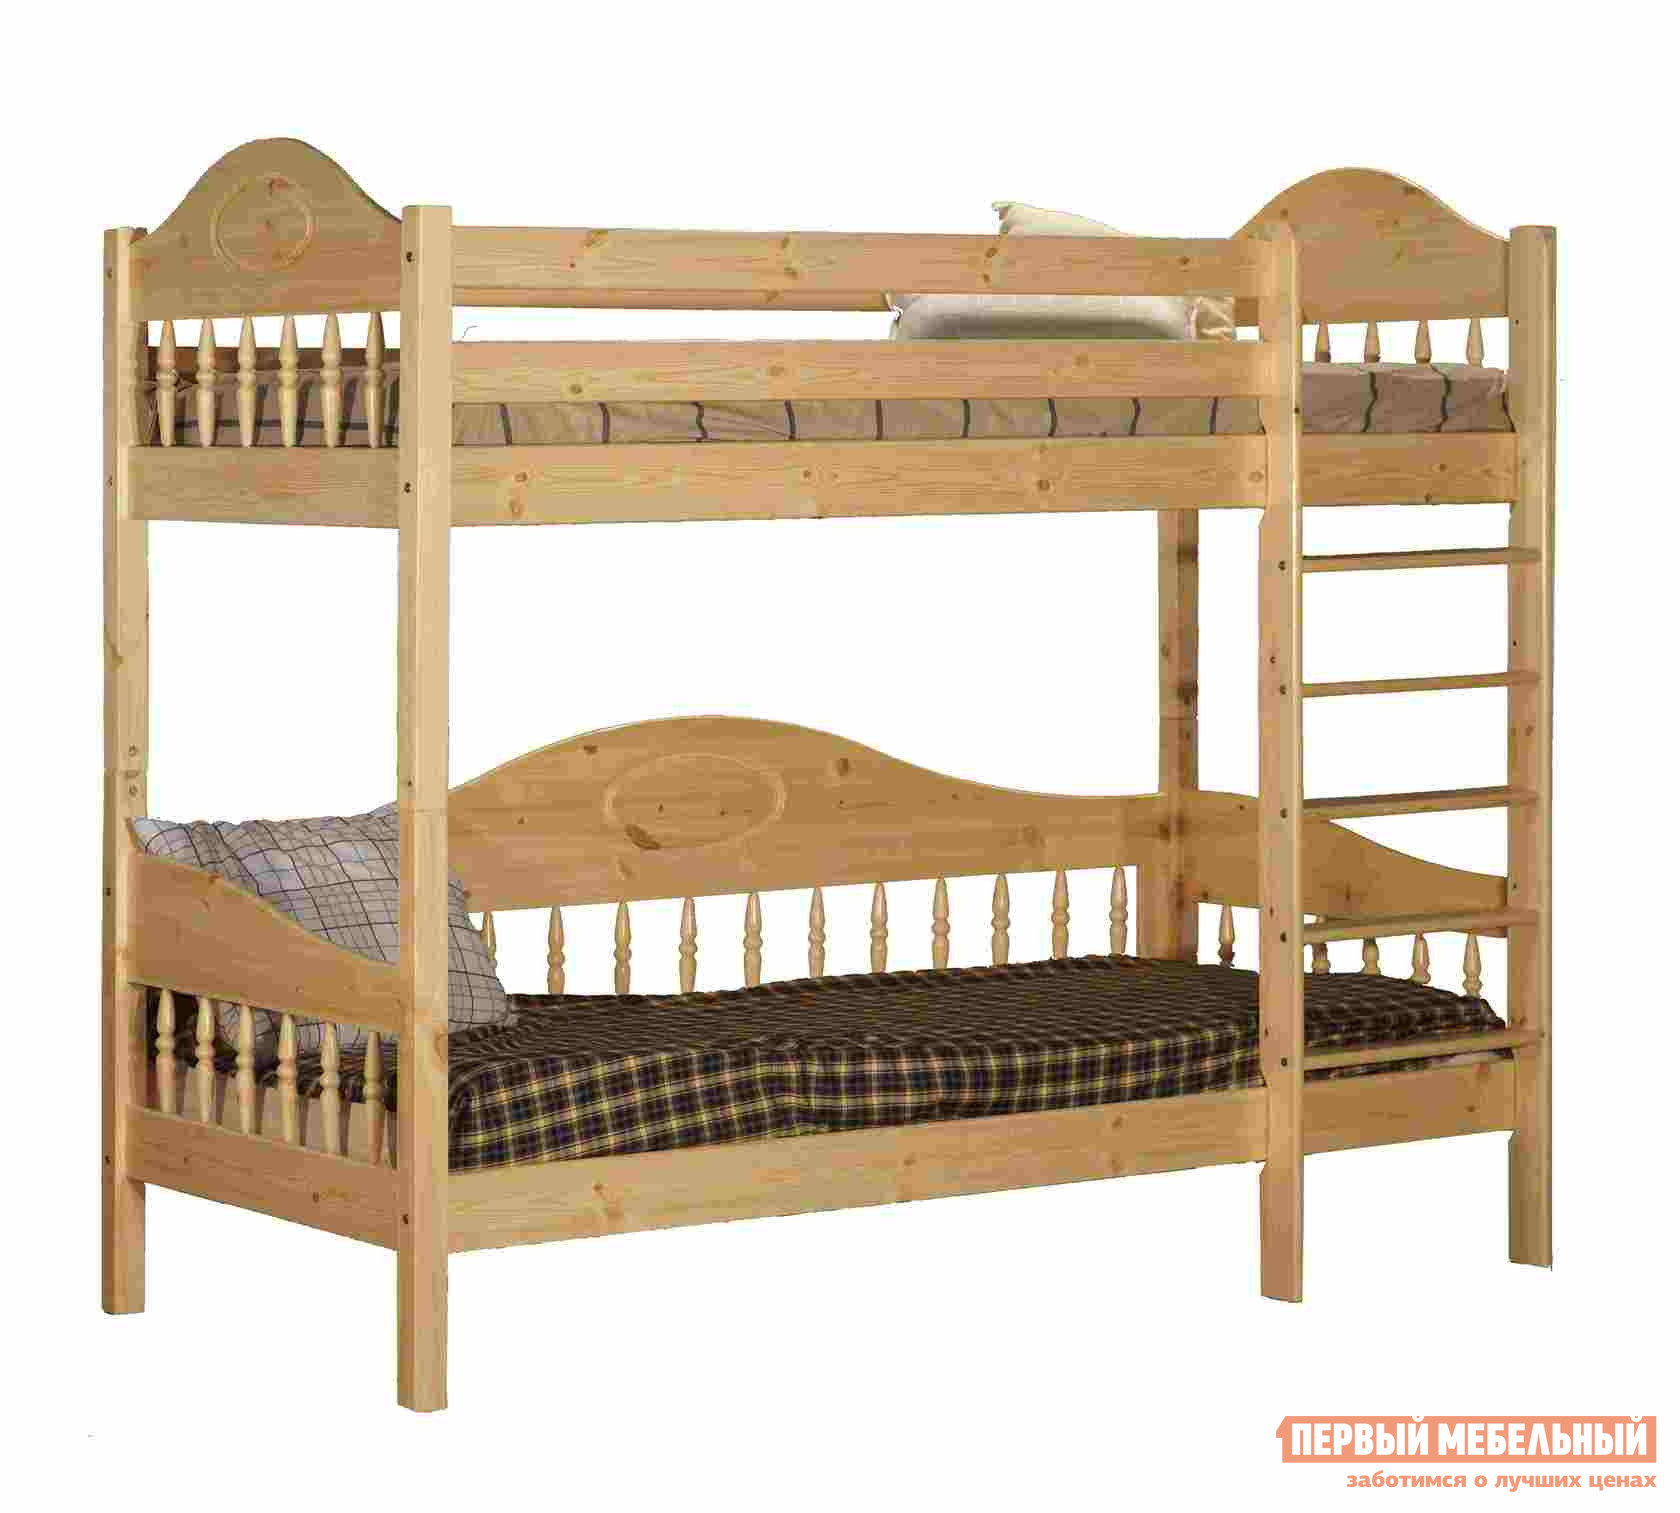 Кровать Timberica Кровать 2-ярусная Фрея (F3) Спальное место 700 Х 2000 мм, Бесцветный лак, Без матрасов Timberica Габаритные размеры ВхШхГ 1830x1020x2110 мм. Двухъярусная деревянная кровать с точеными спинками украсит помещение и придаст интерьеру лёгкость.  Конструкция деревянной двухъярусной кровати вполне классическая, прочная и долговечная.  Реечное основание спального места жёсткое и ровное, что благоприятно для опорно-двигательного аппарата, в том числе, для позвоночника, а также для здорового сна.  Благодаря лаковому покрытию кровать не боится влажной уборки. <br> Кровать представлена в нескольких размерах, перед оформлением заказа выберите наиболее подходящий вариант исполнения.  Максимальная нагрузка составляет до 90 кг на каждый ярус с учётом веса матраса. <br>Обратите внимание! Необходимо выбрать комплектацию: с матрасами или без.  <br />С матрасами, поставляемыми в комплекте вы можете ознакомиться во вкладке «Аксессуары». <br>